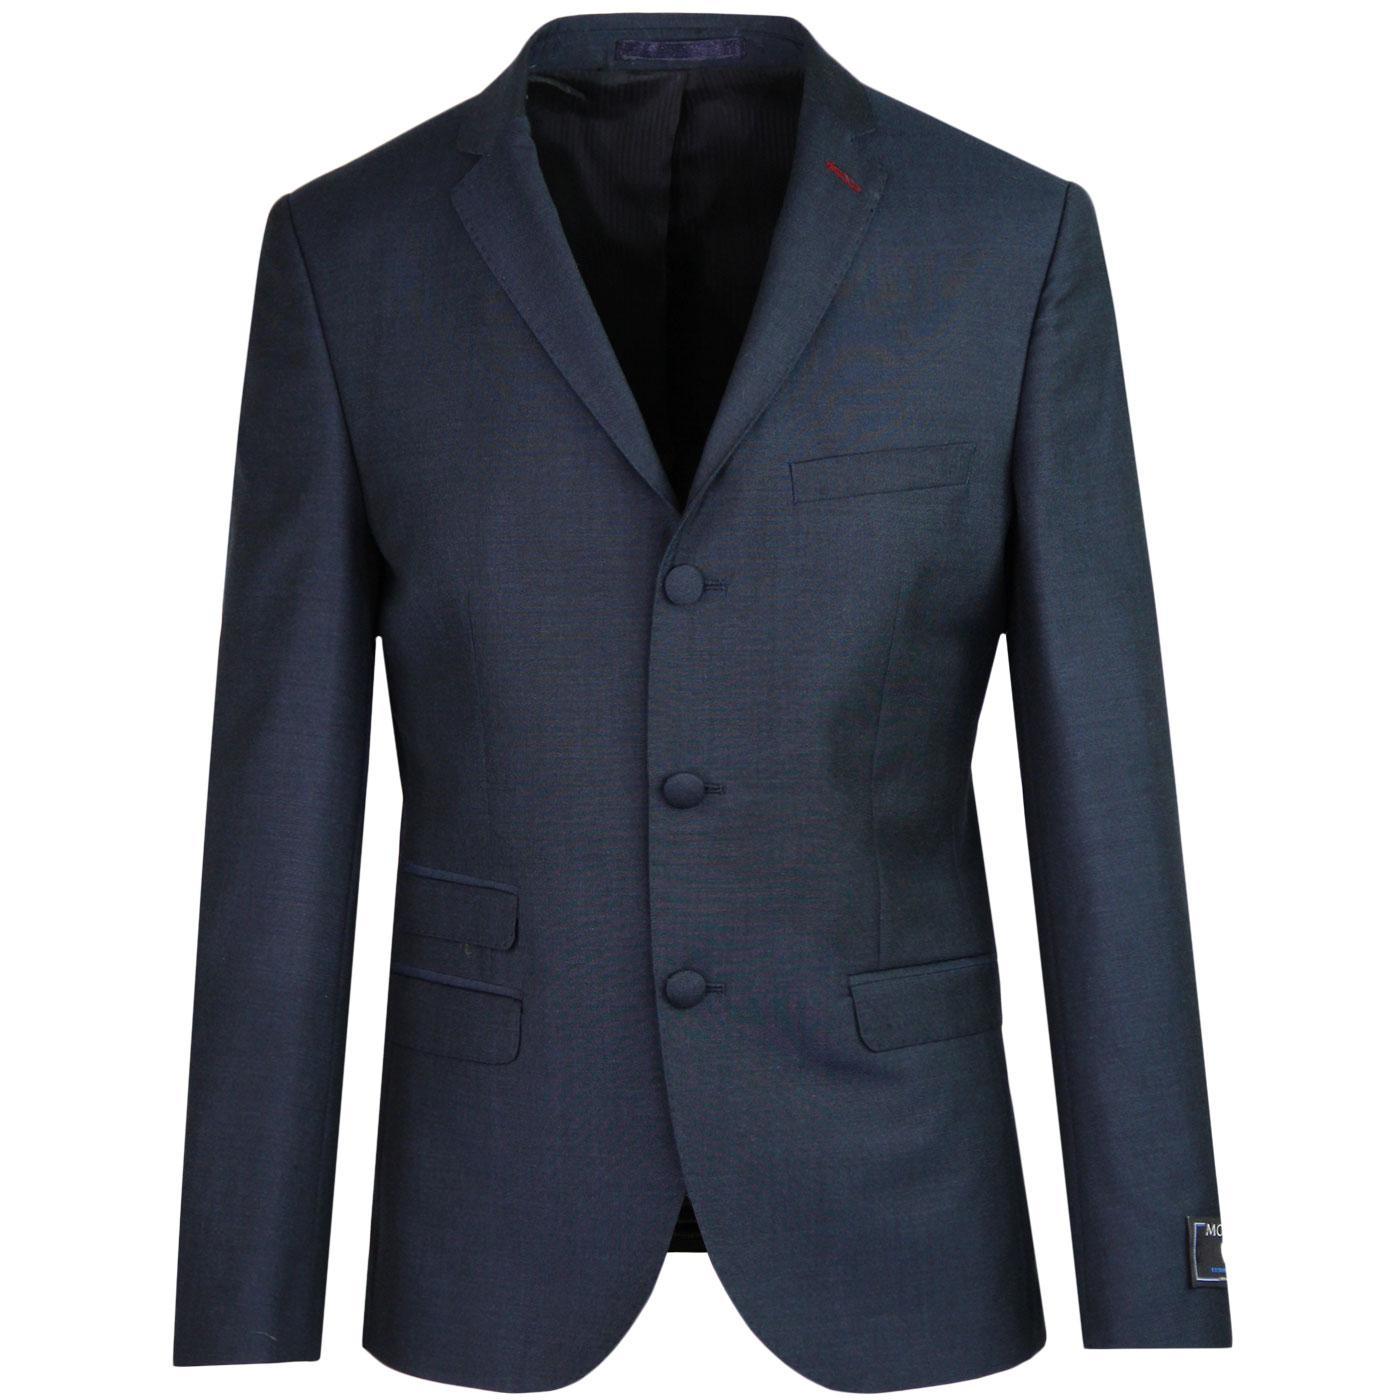 MADCAP ENGLAND Mod Mohair Tonic Suit Jacket (Navy)